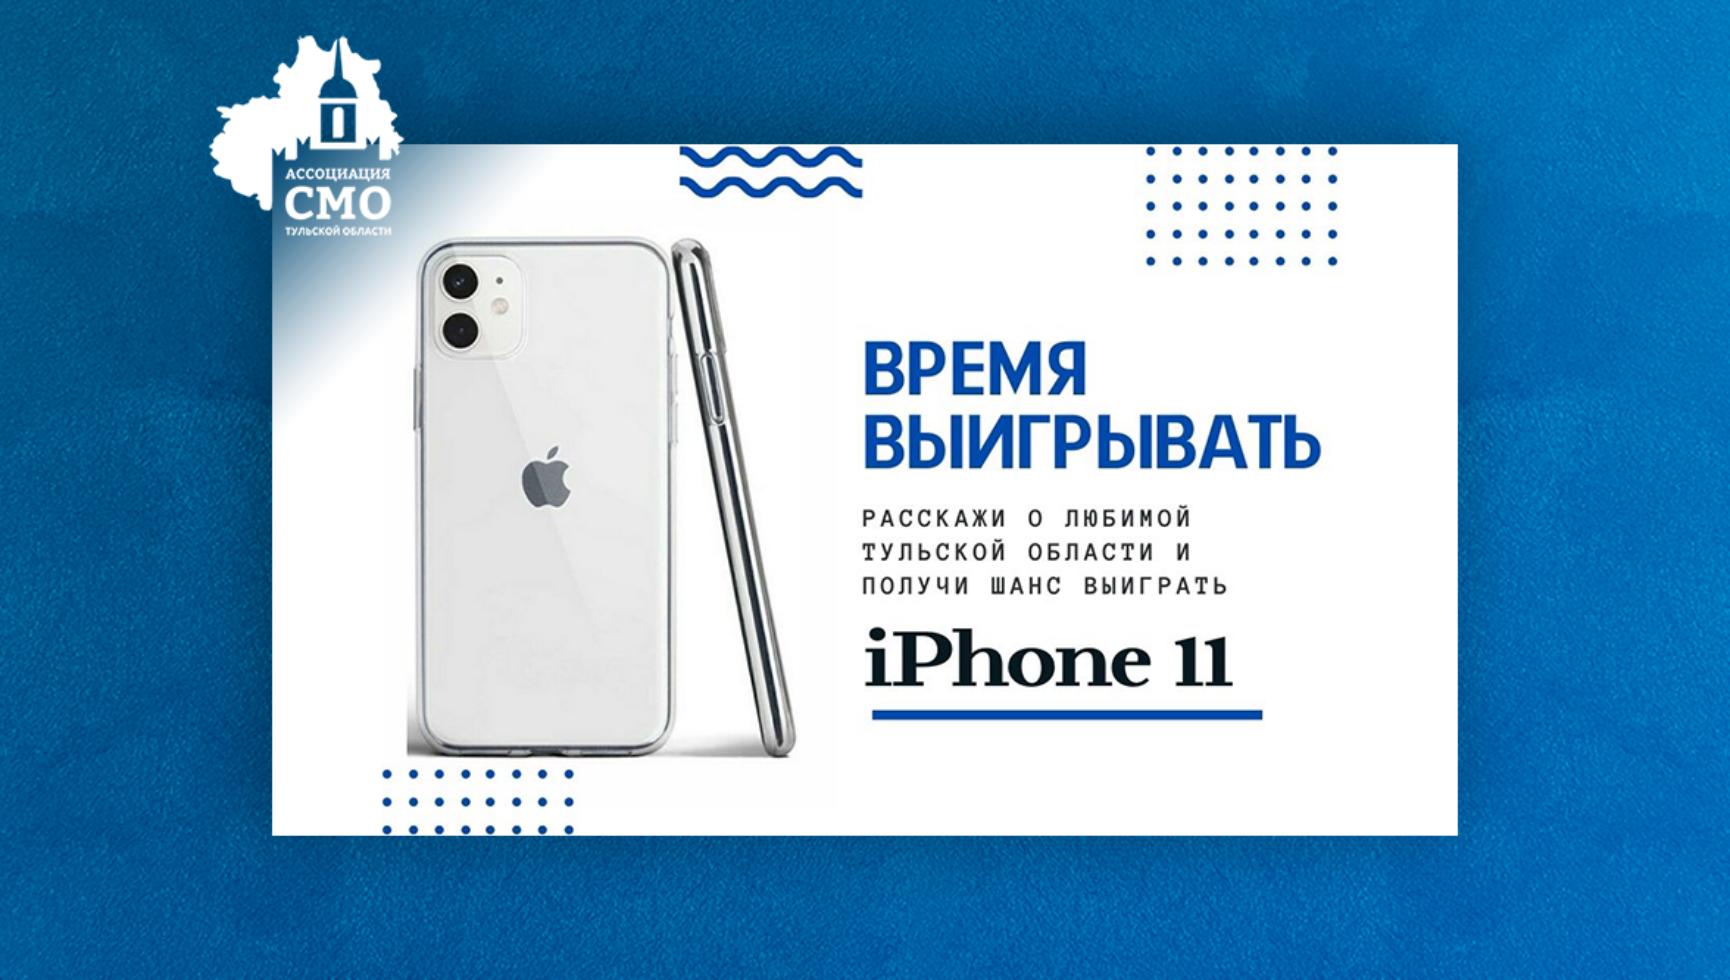 Расскажите о Тульской области и получите шанс выиграть iPhone!